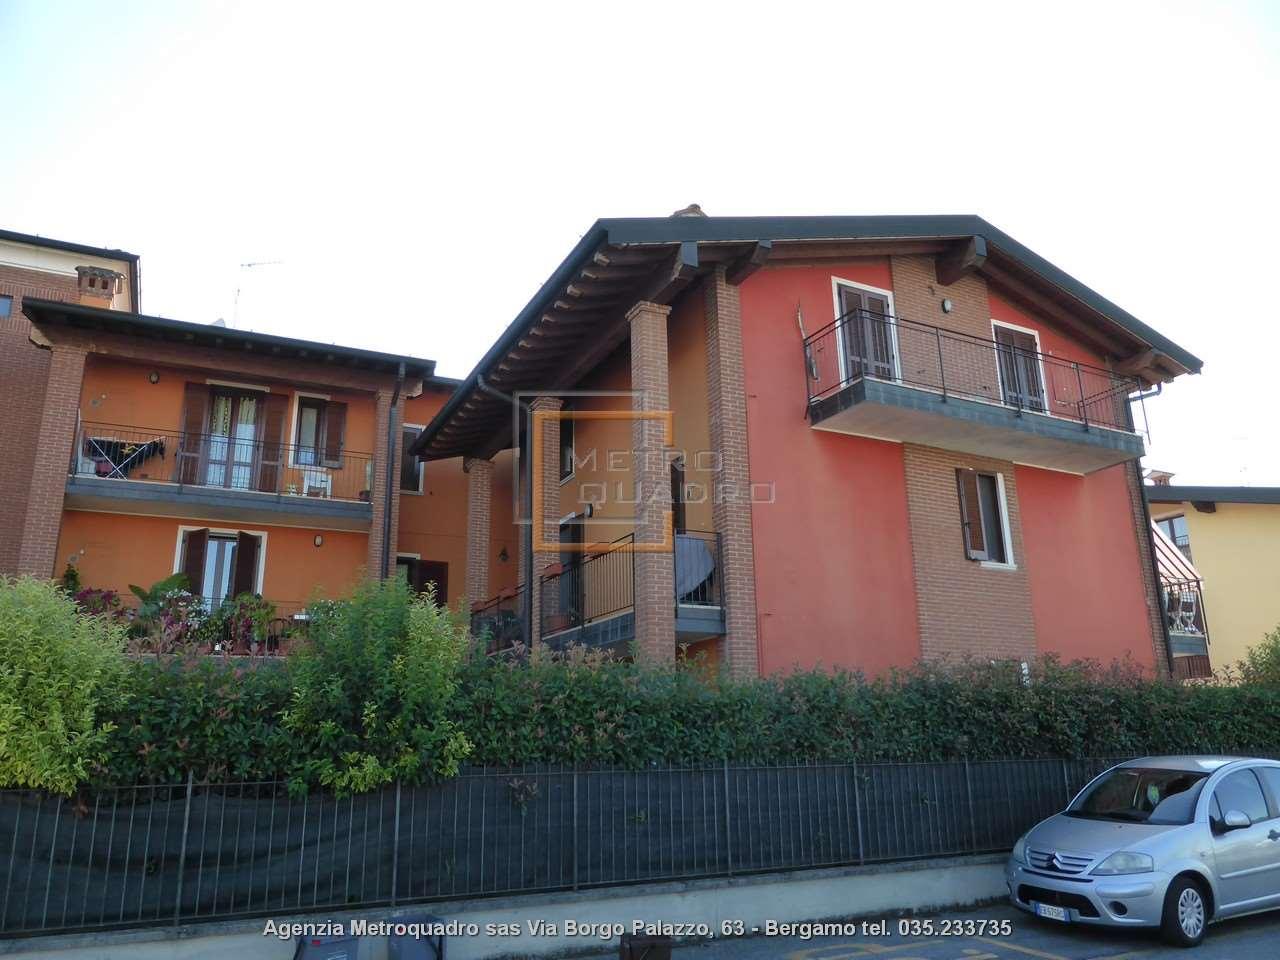 Appartamento in vendita a Castelcovati, 2 locali, prezzo € 90.000 | CambioCasa.it